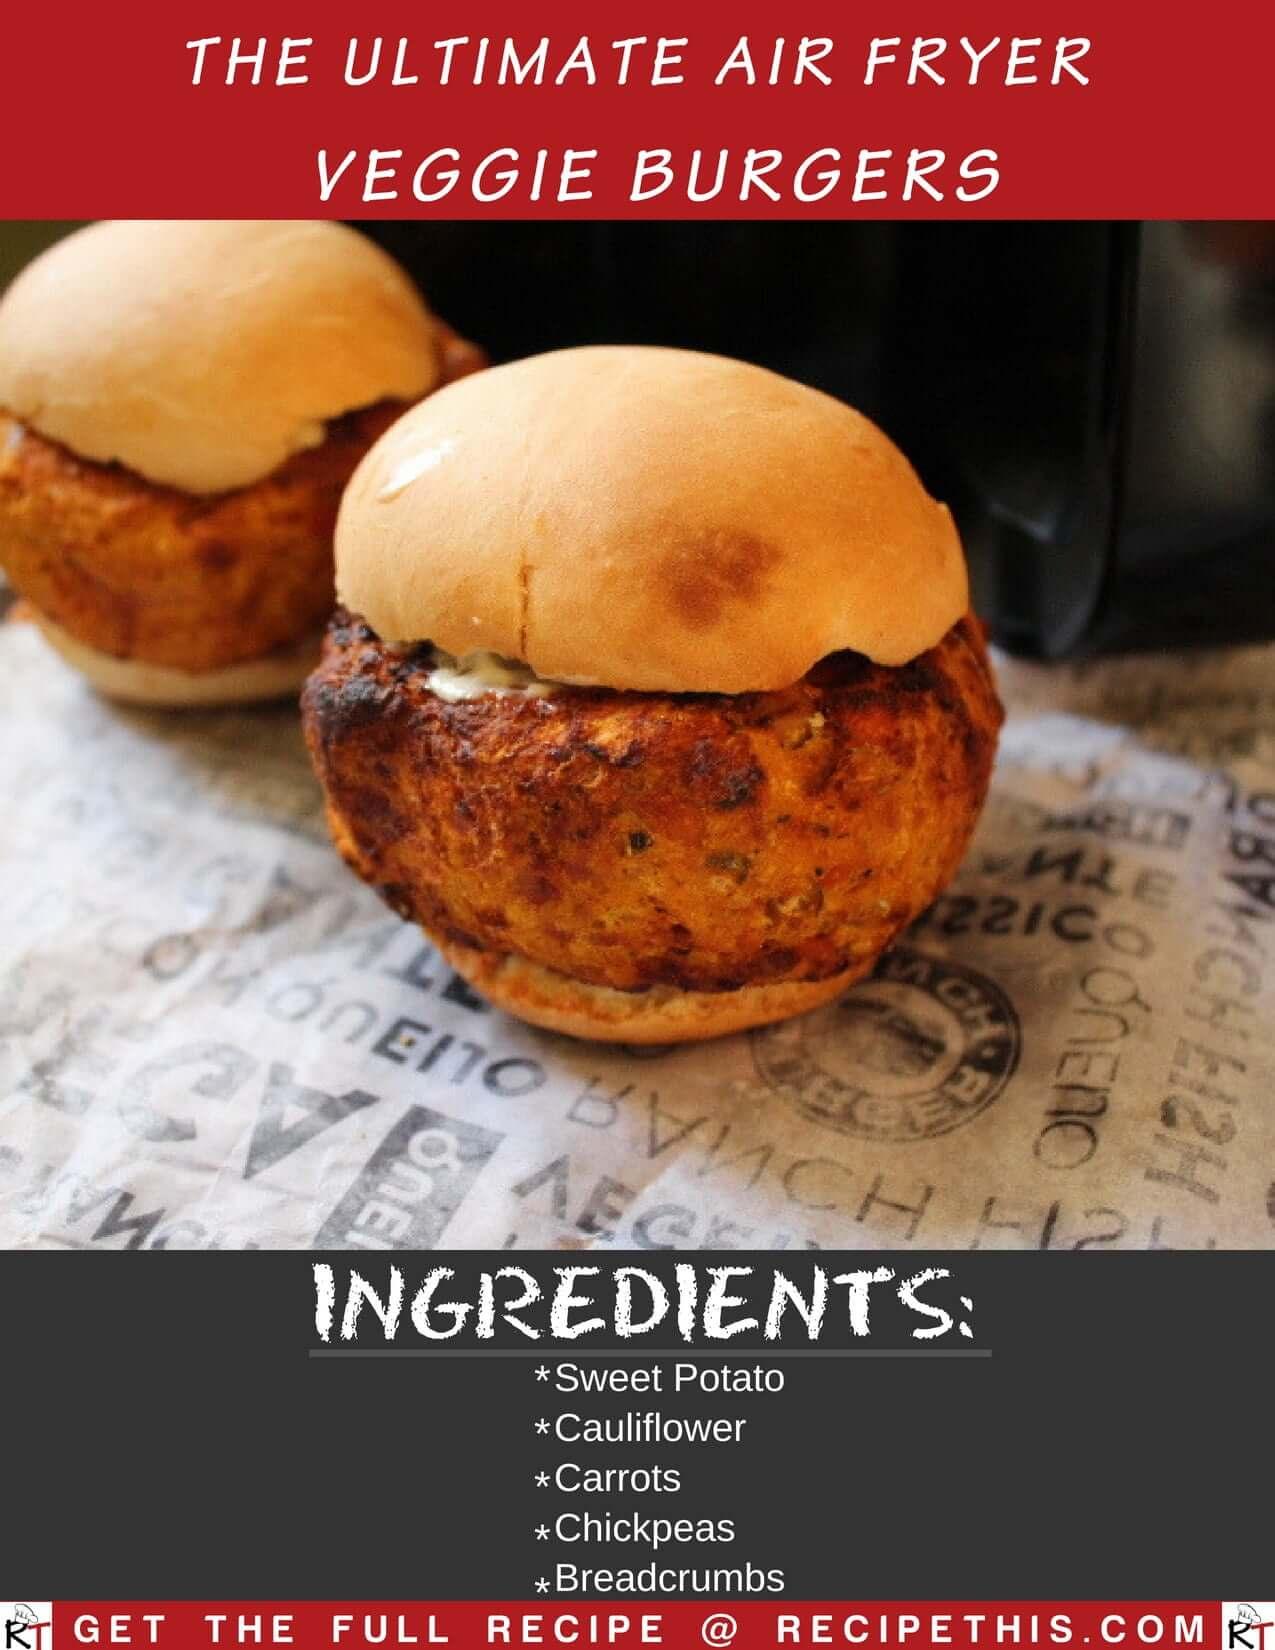 The Ultimate Air Fryer Veggie Burgers